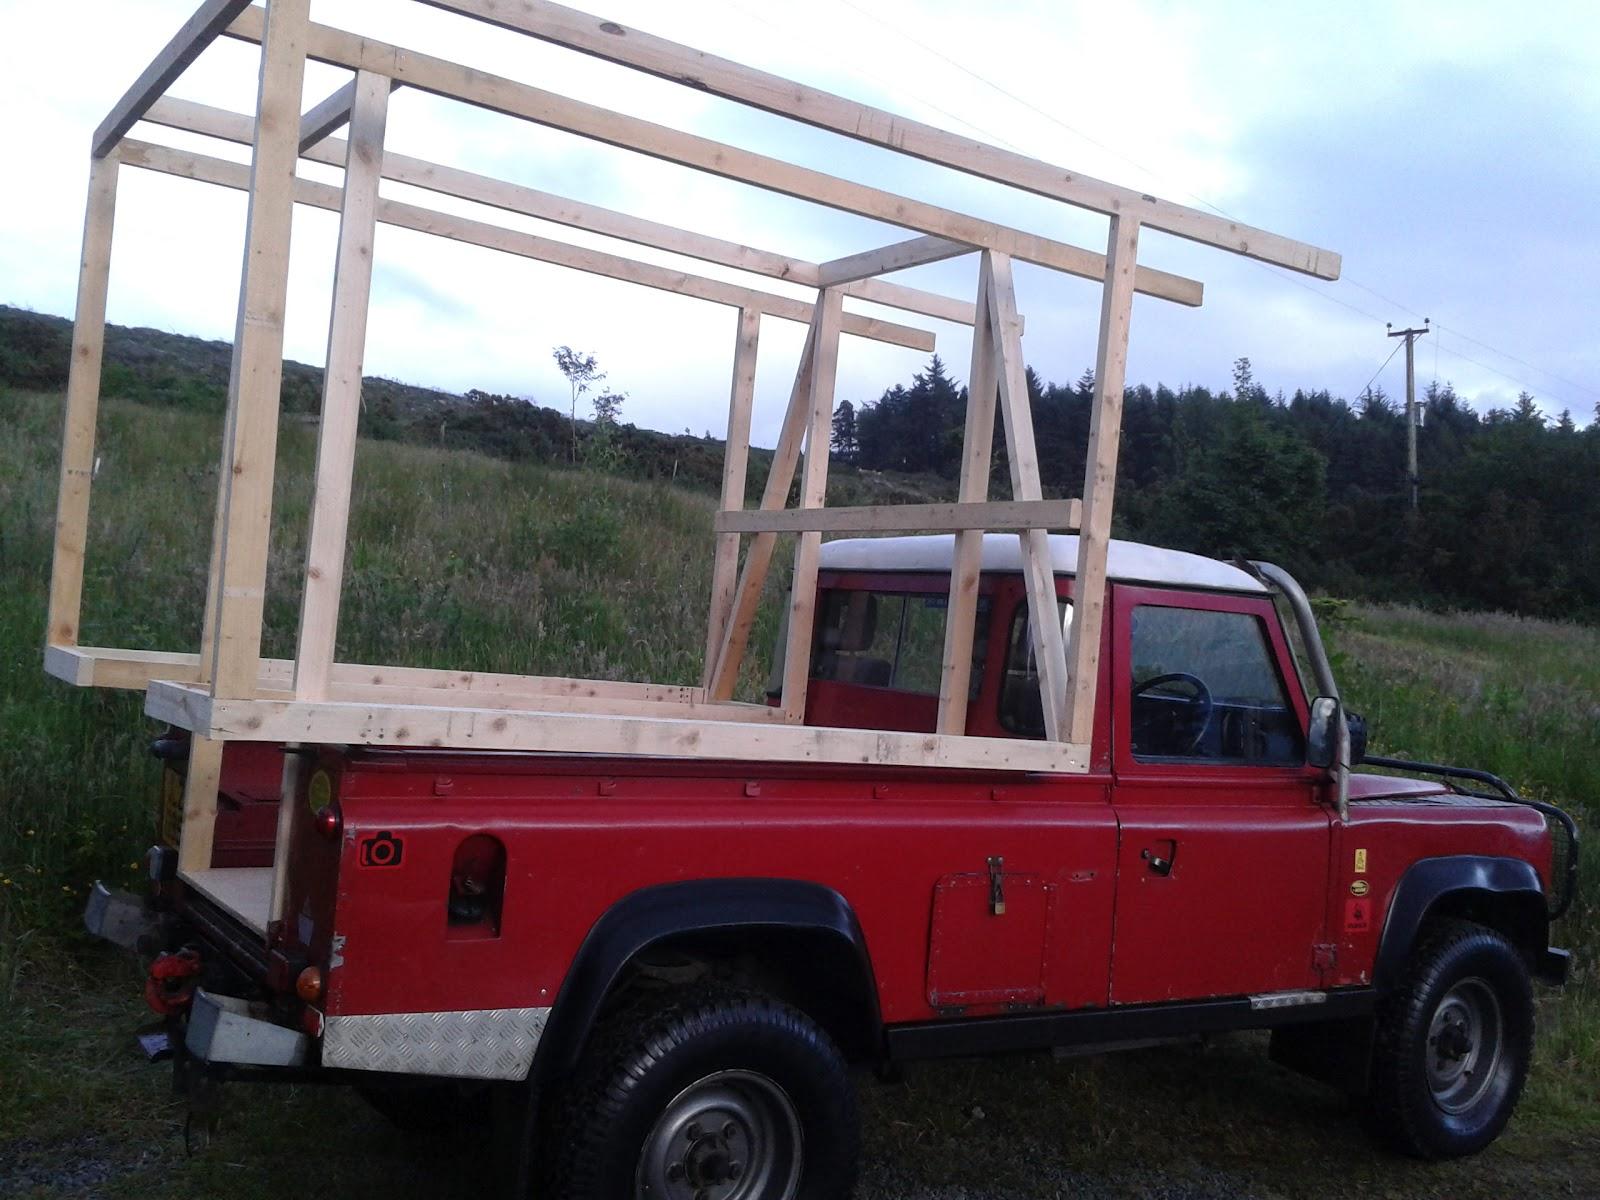 Demountable Camper For Land Rover 110 DIY